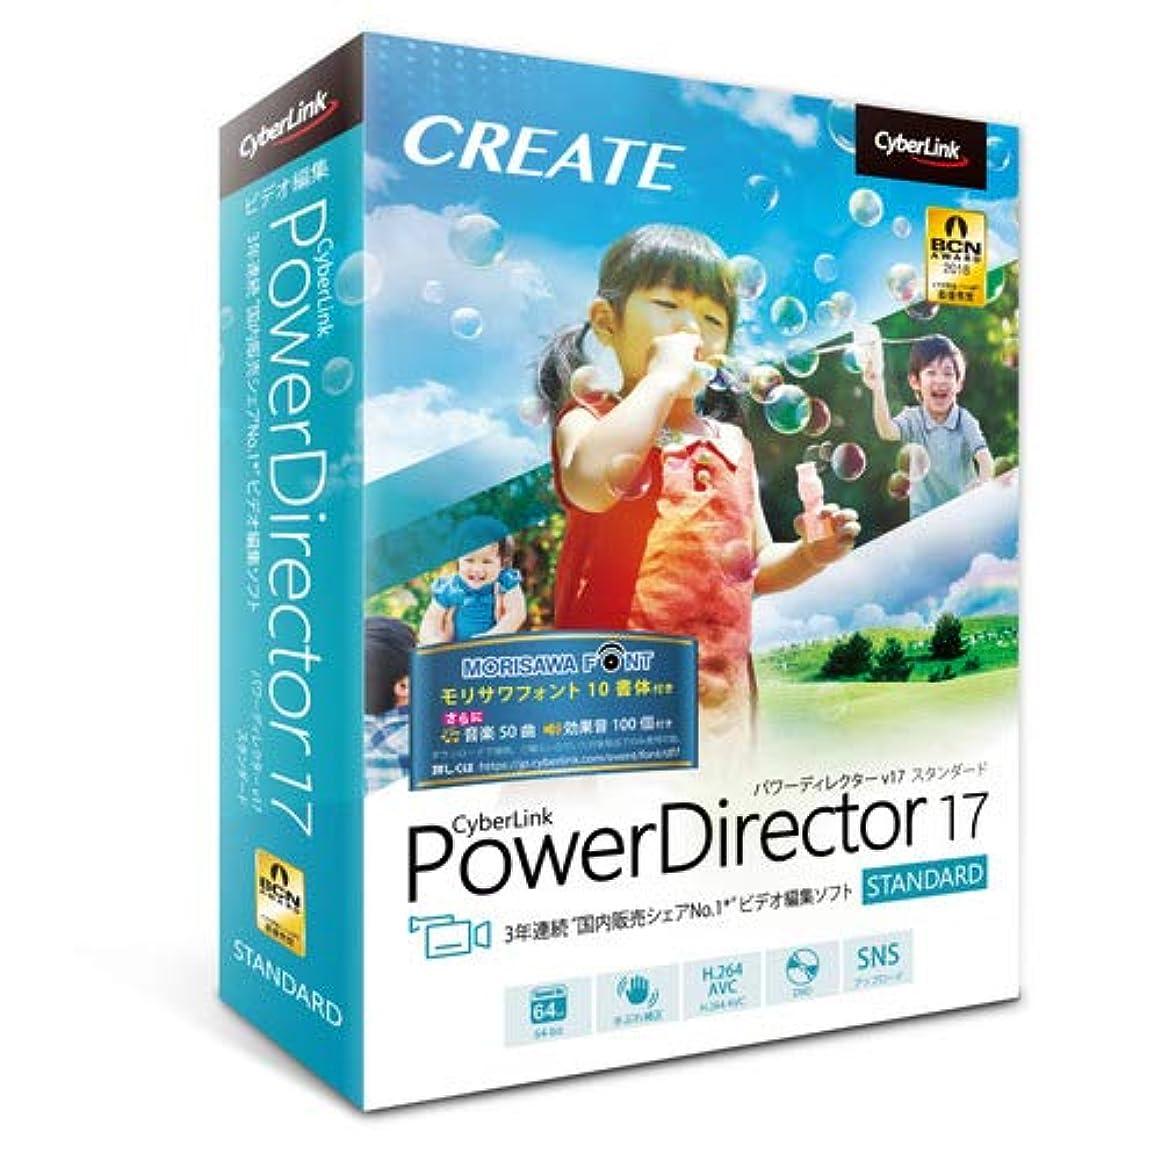 追い出す北極圏政治的サイバーリンク PowerDirector 17 Standard 通常版